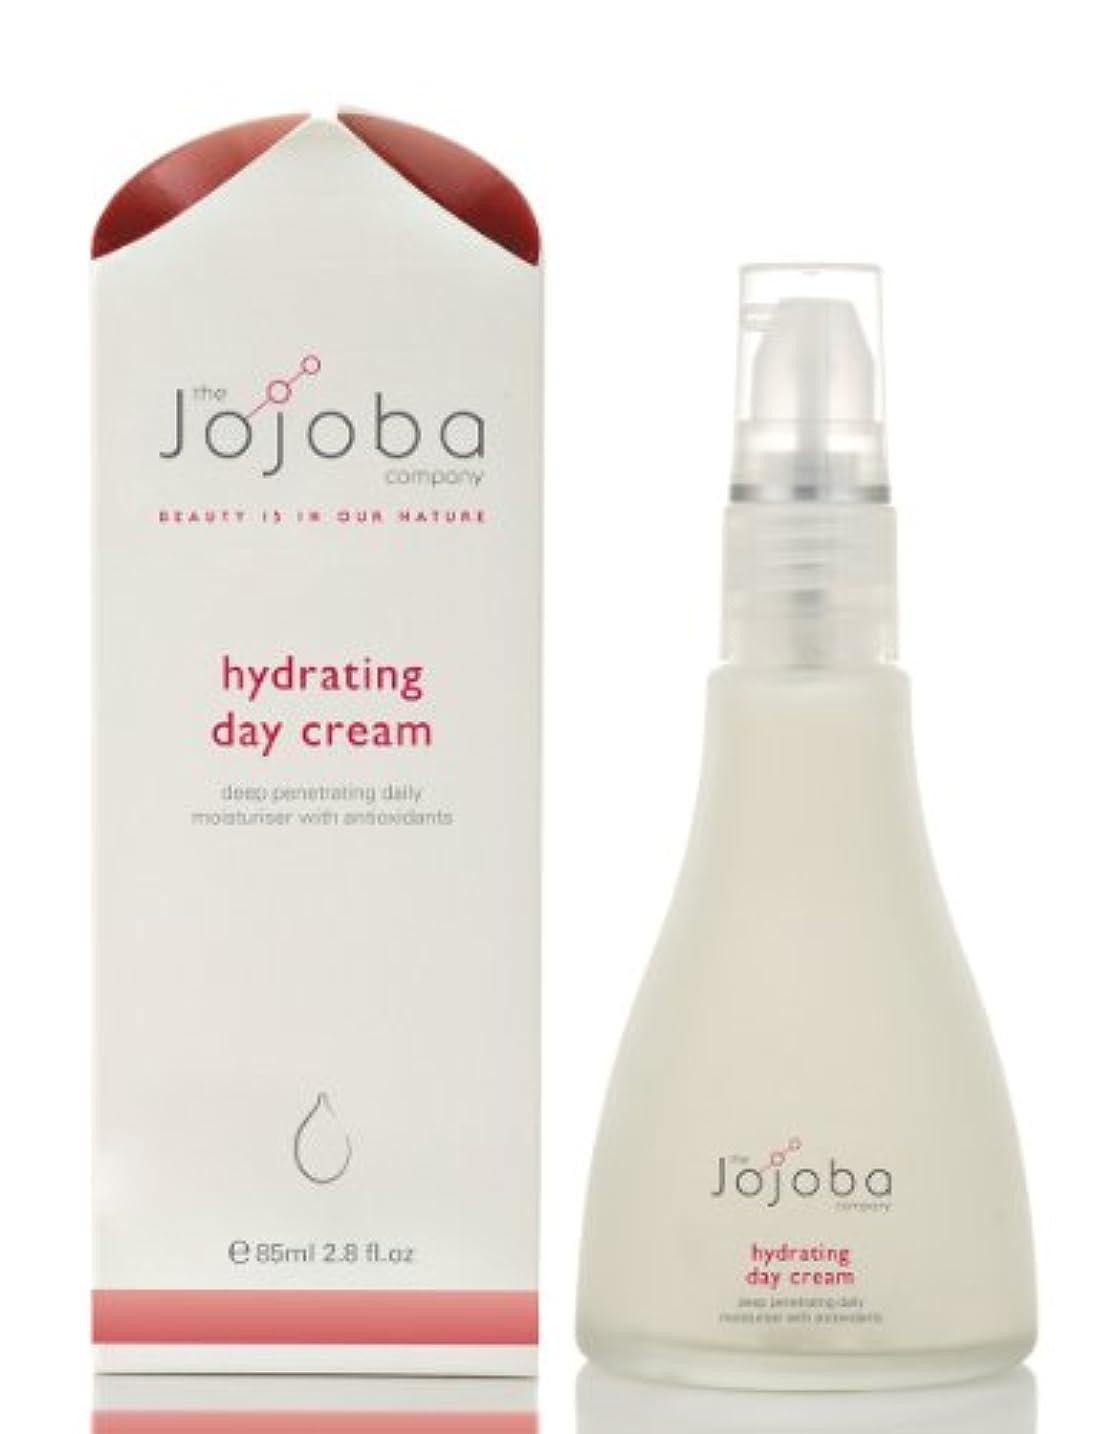 気難しいええ小学生the Jojoba Company ハイドレーティング デイクリーム 85ml